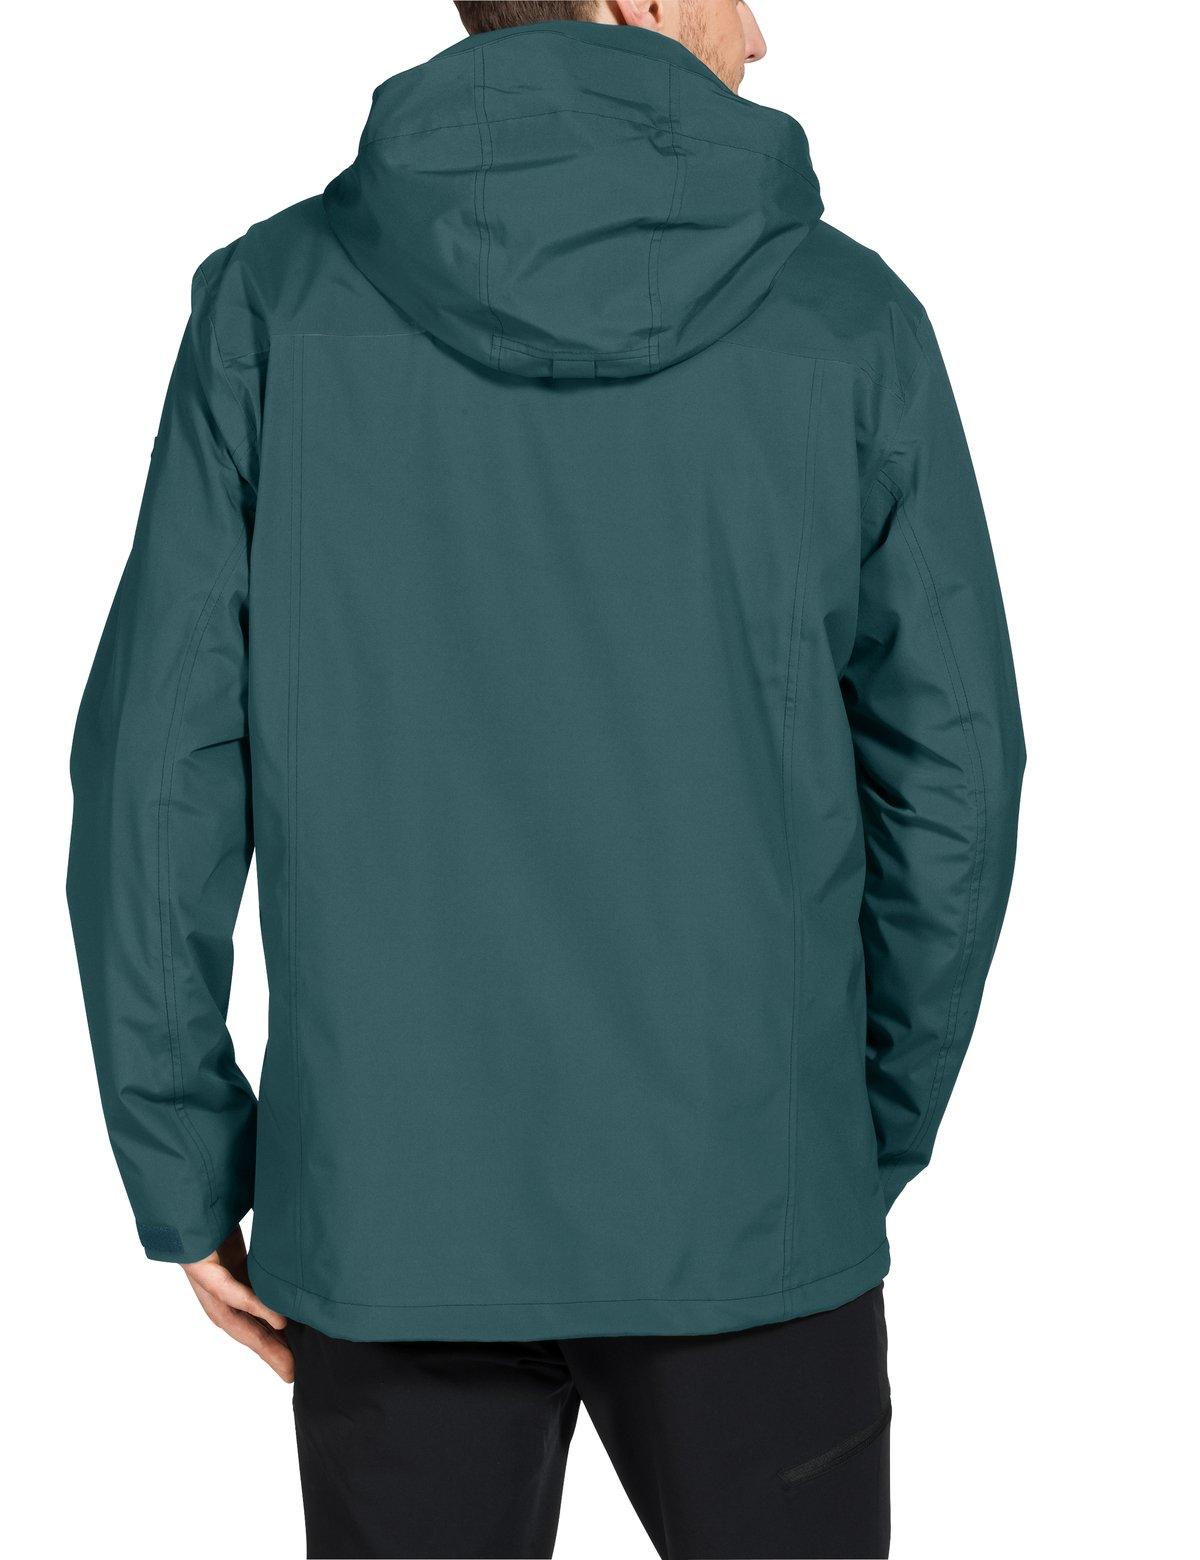 VAUDE Men's 407240965 Kintail 3-in-1 Iii Jacket